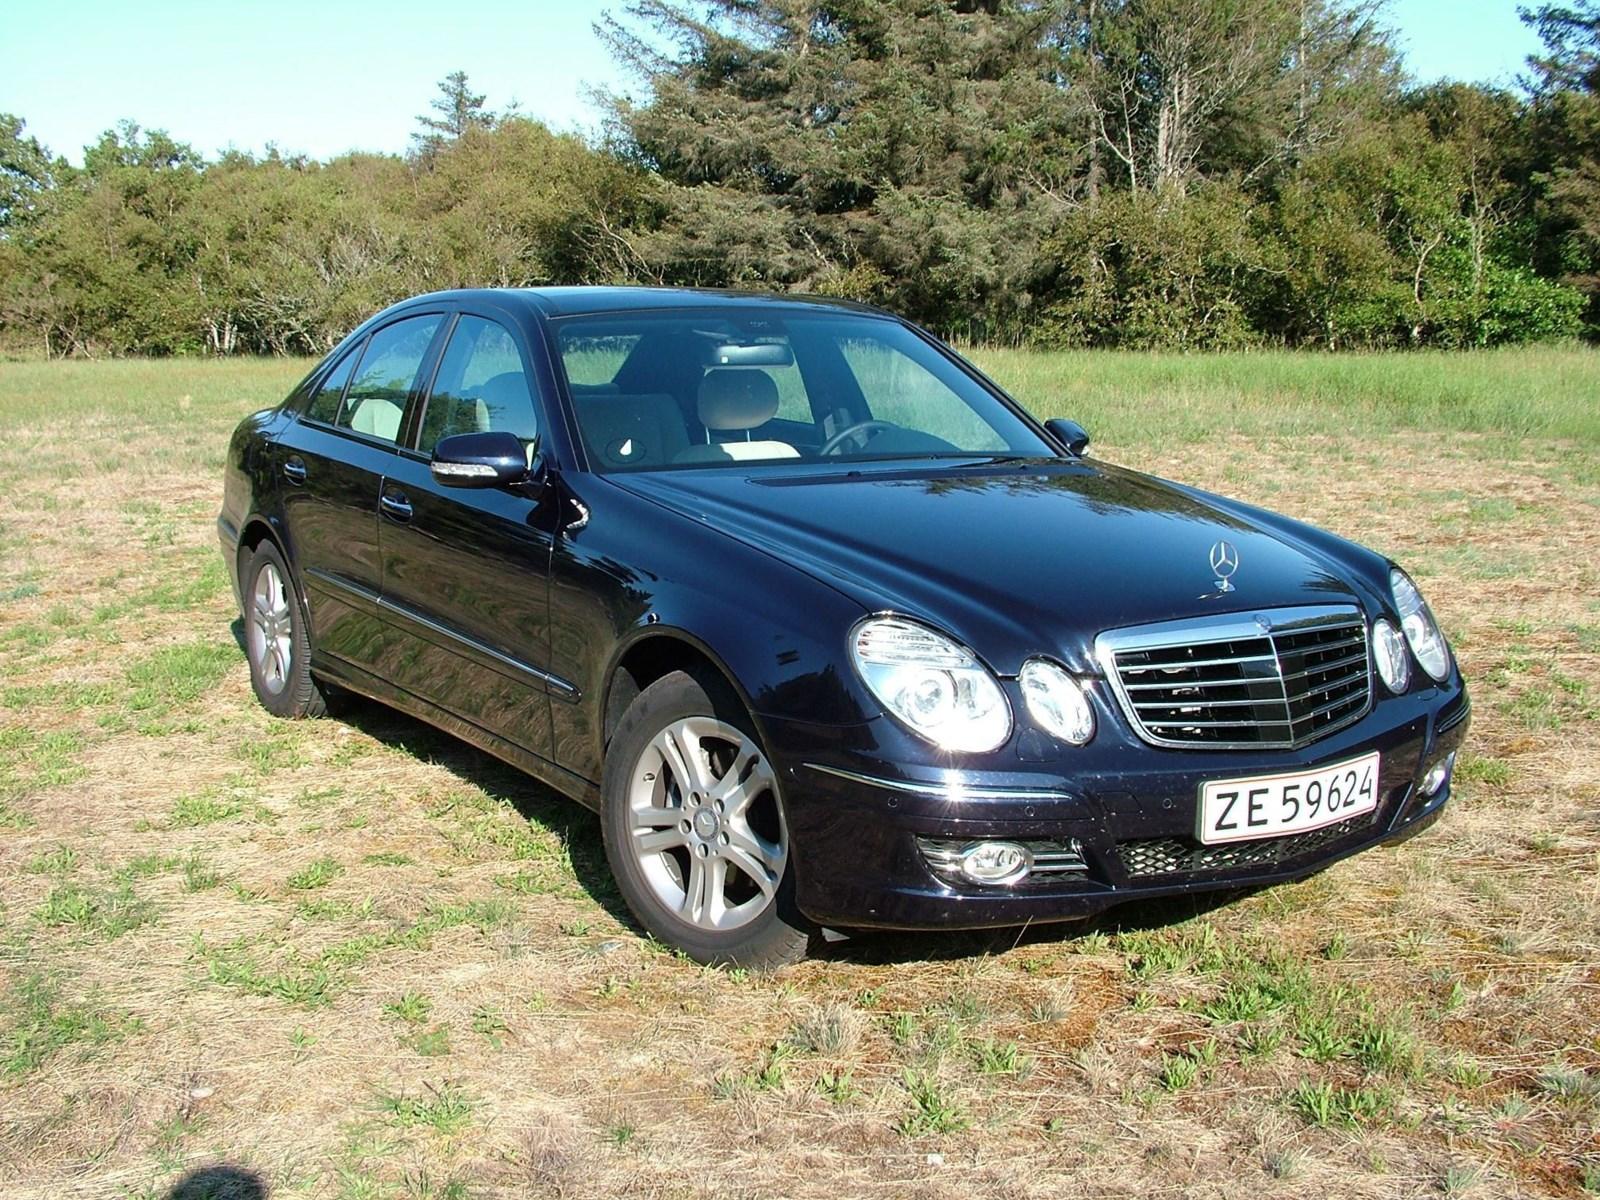 Anmeldelse mercedes benz e300 bluetec biltorvet for Mercedes benz newsletter